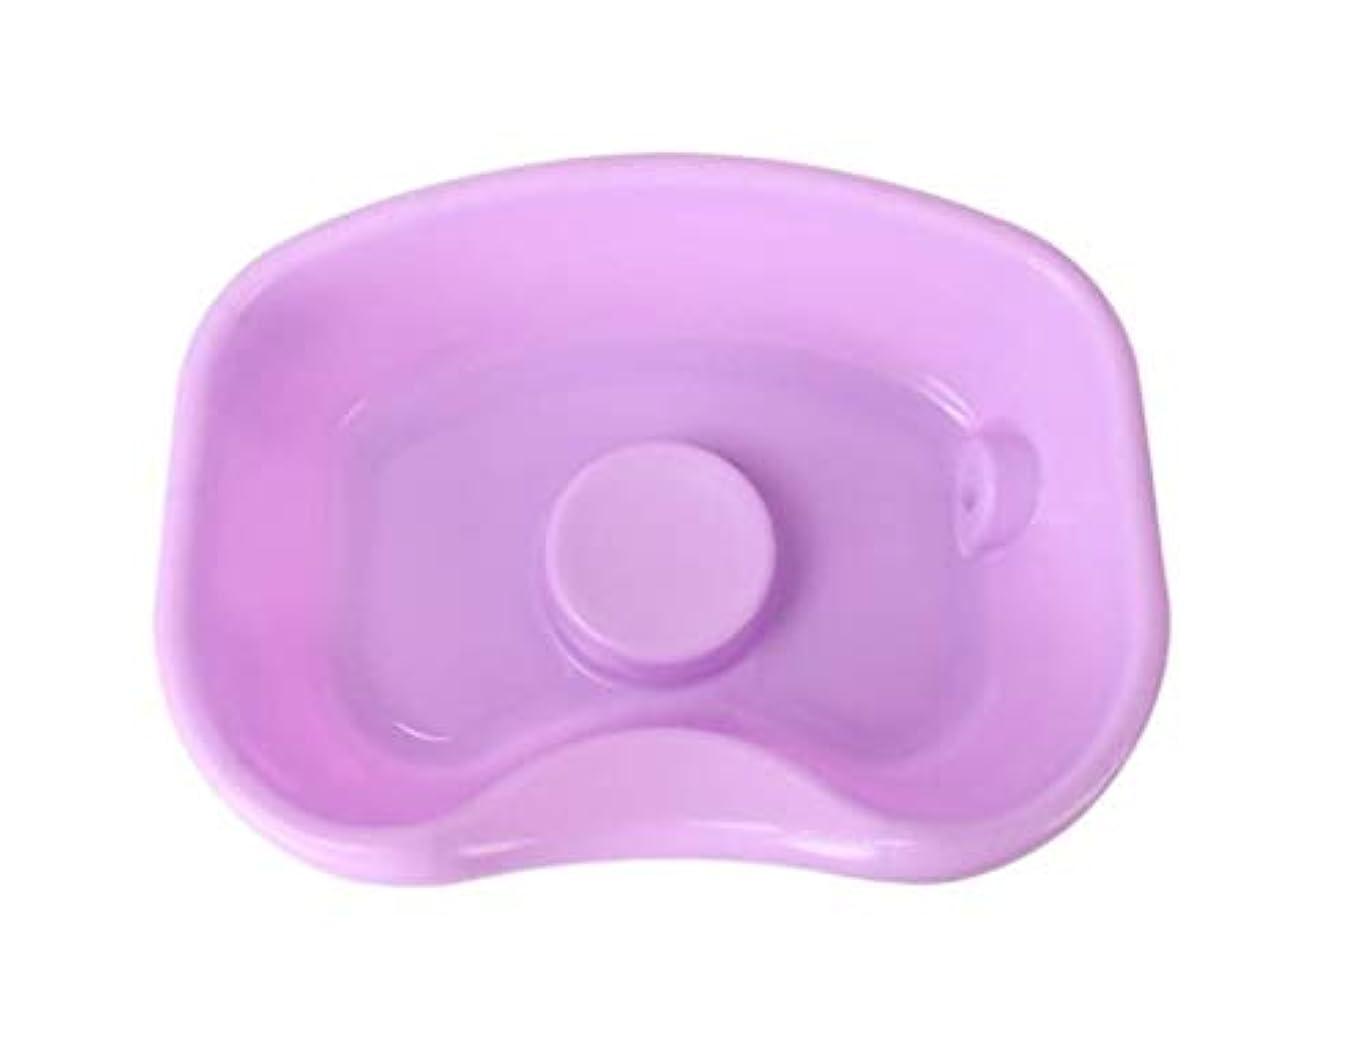 ドライブキャッチ期待ベッドシャンプー洗面器、清潔なヘアエイドベッドサイドシャワーシステム、高齢者、寝たきりの身障者用妊婦用洗髪皿 (Color : Light Purple)